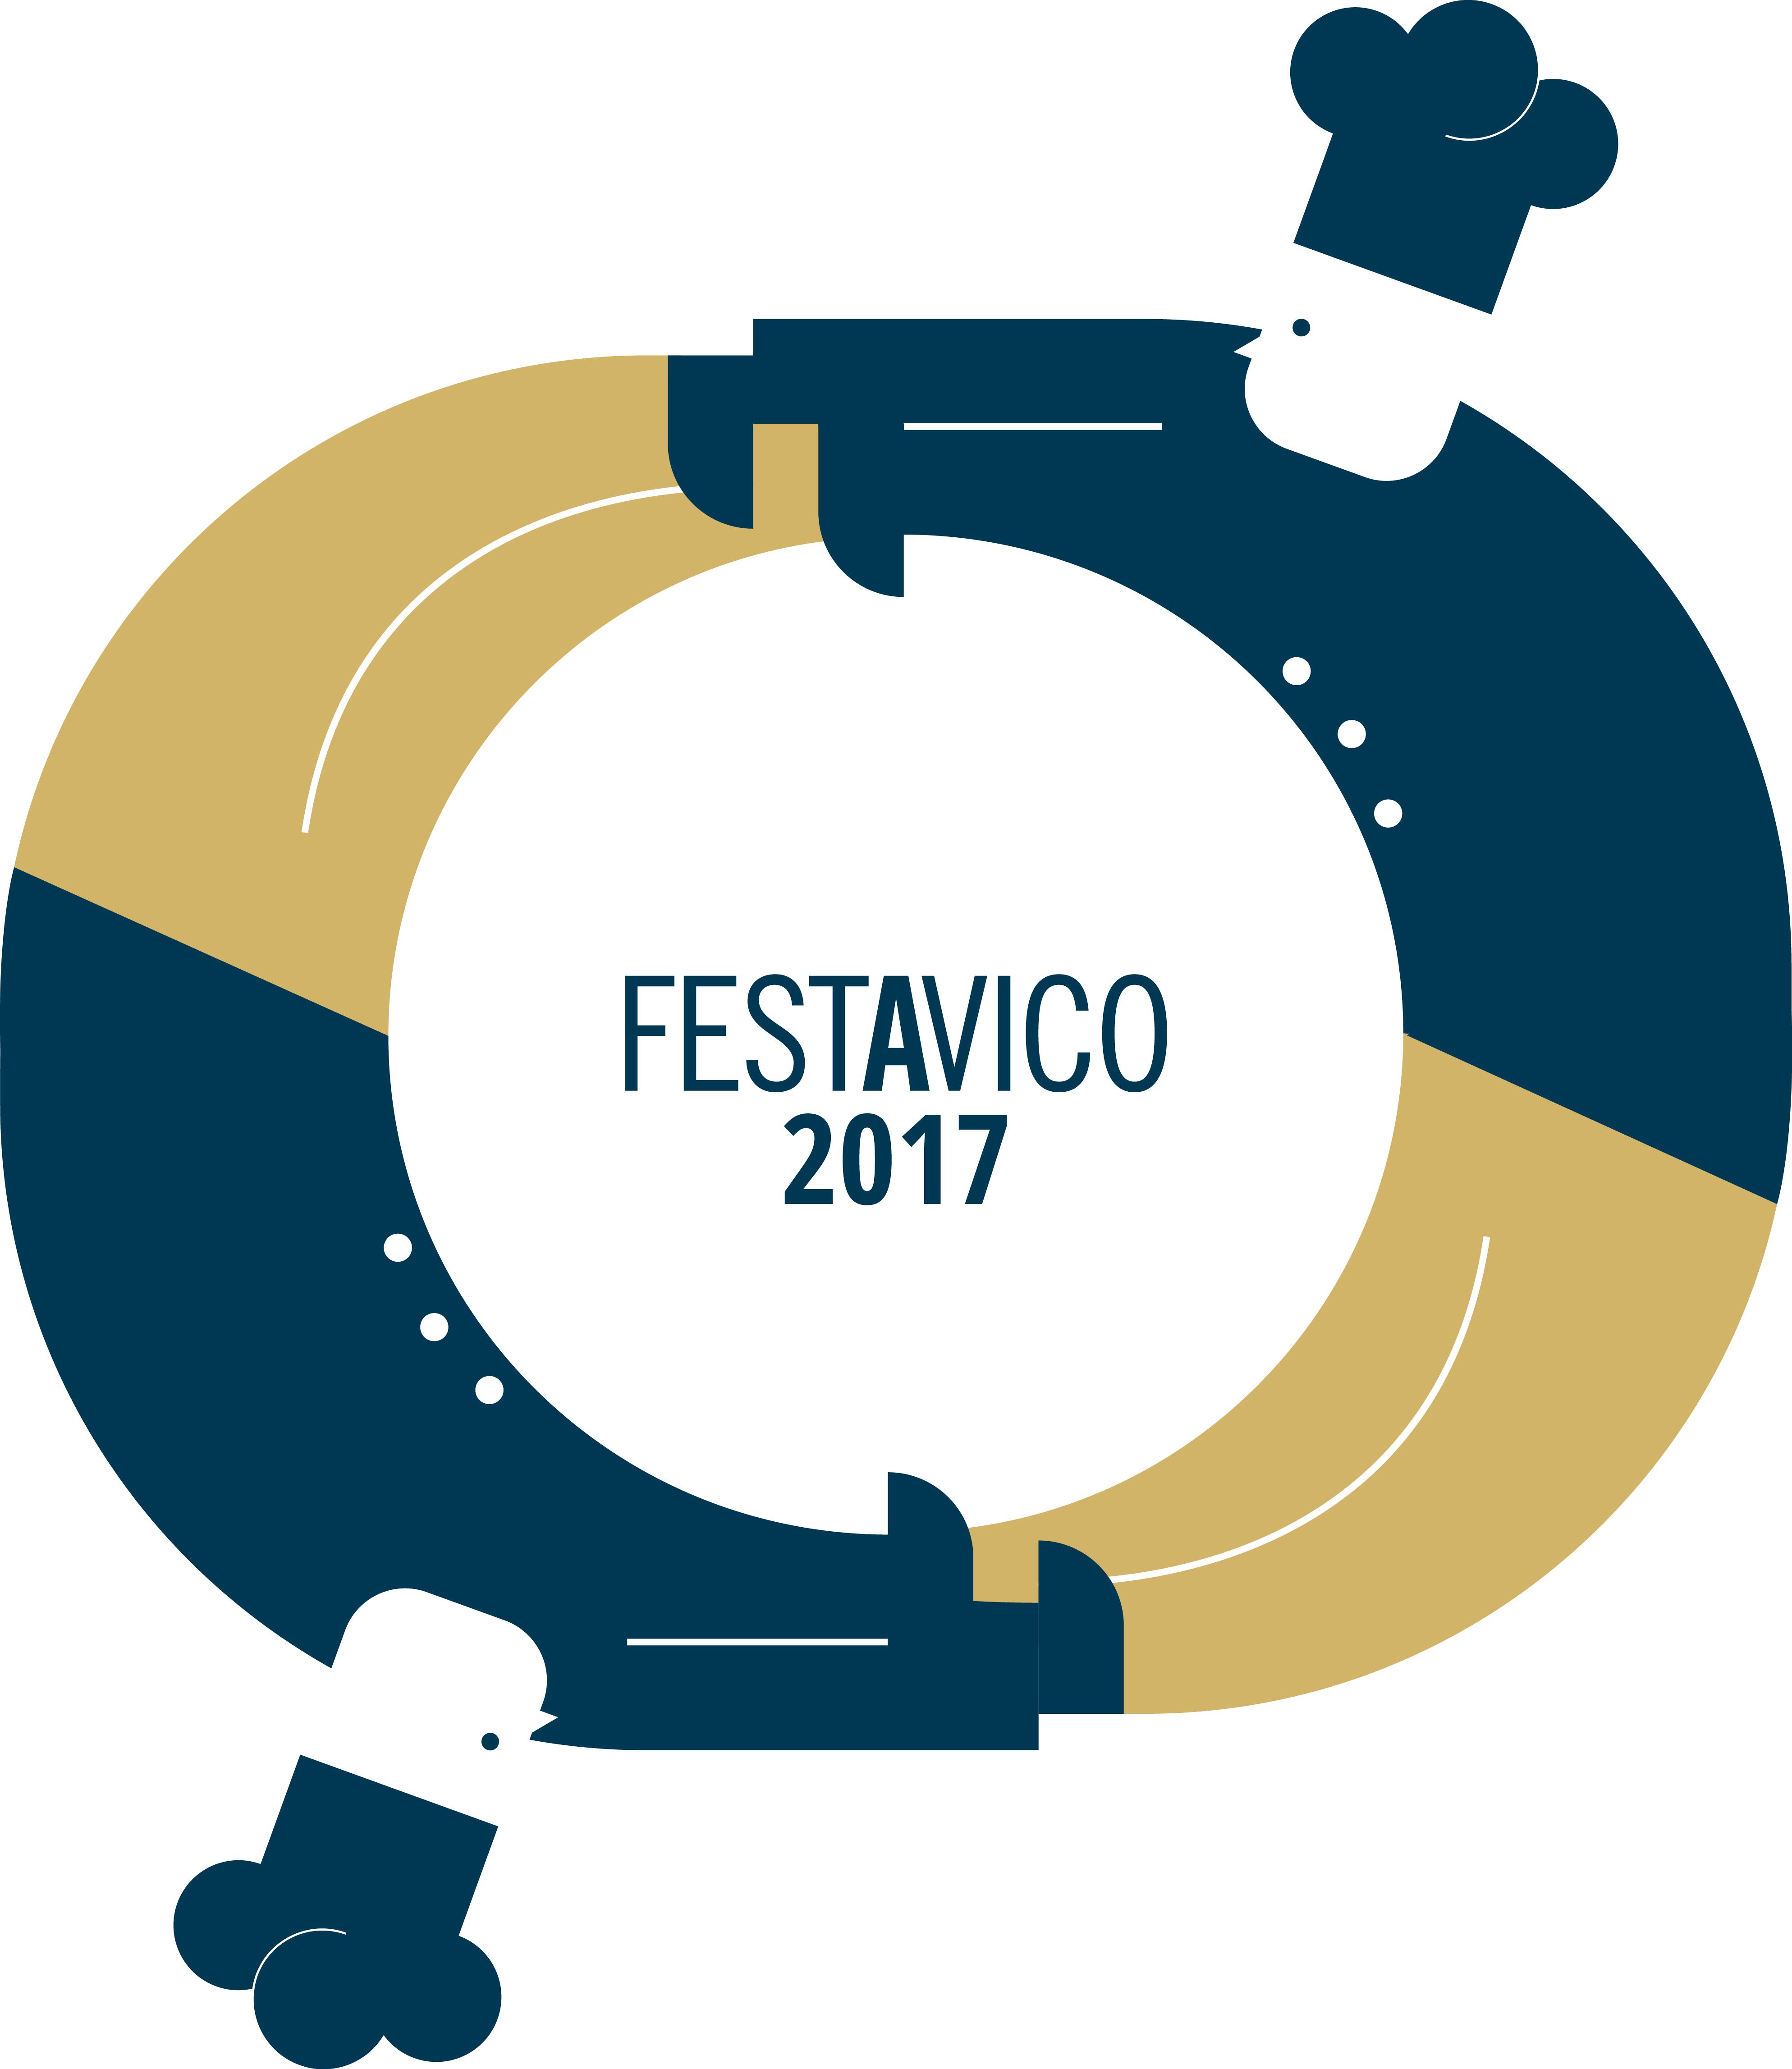 FESTA A VICO 2017